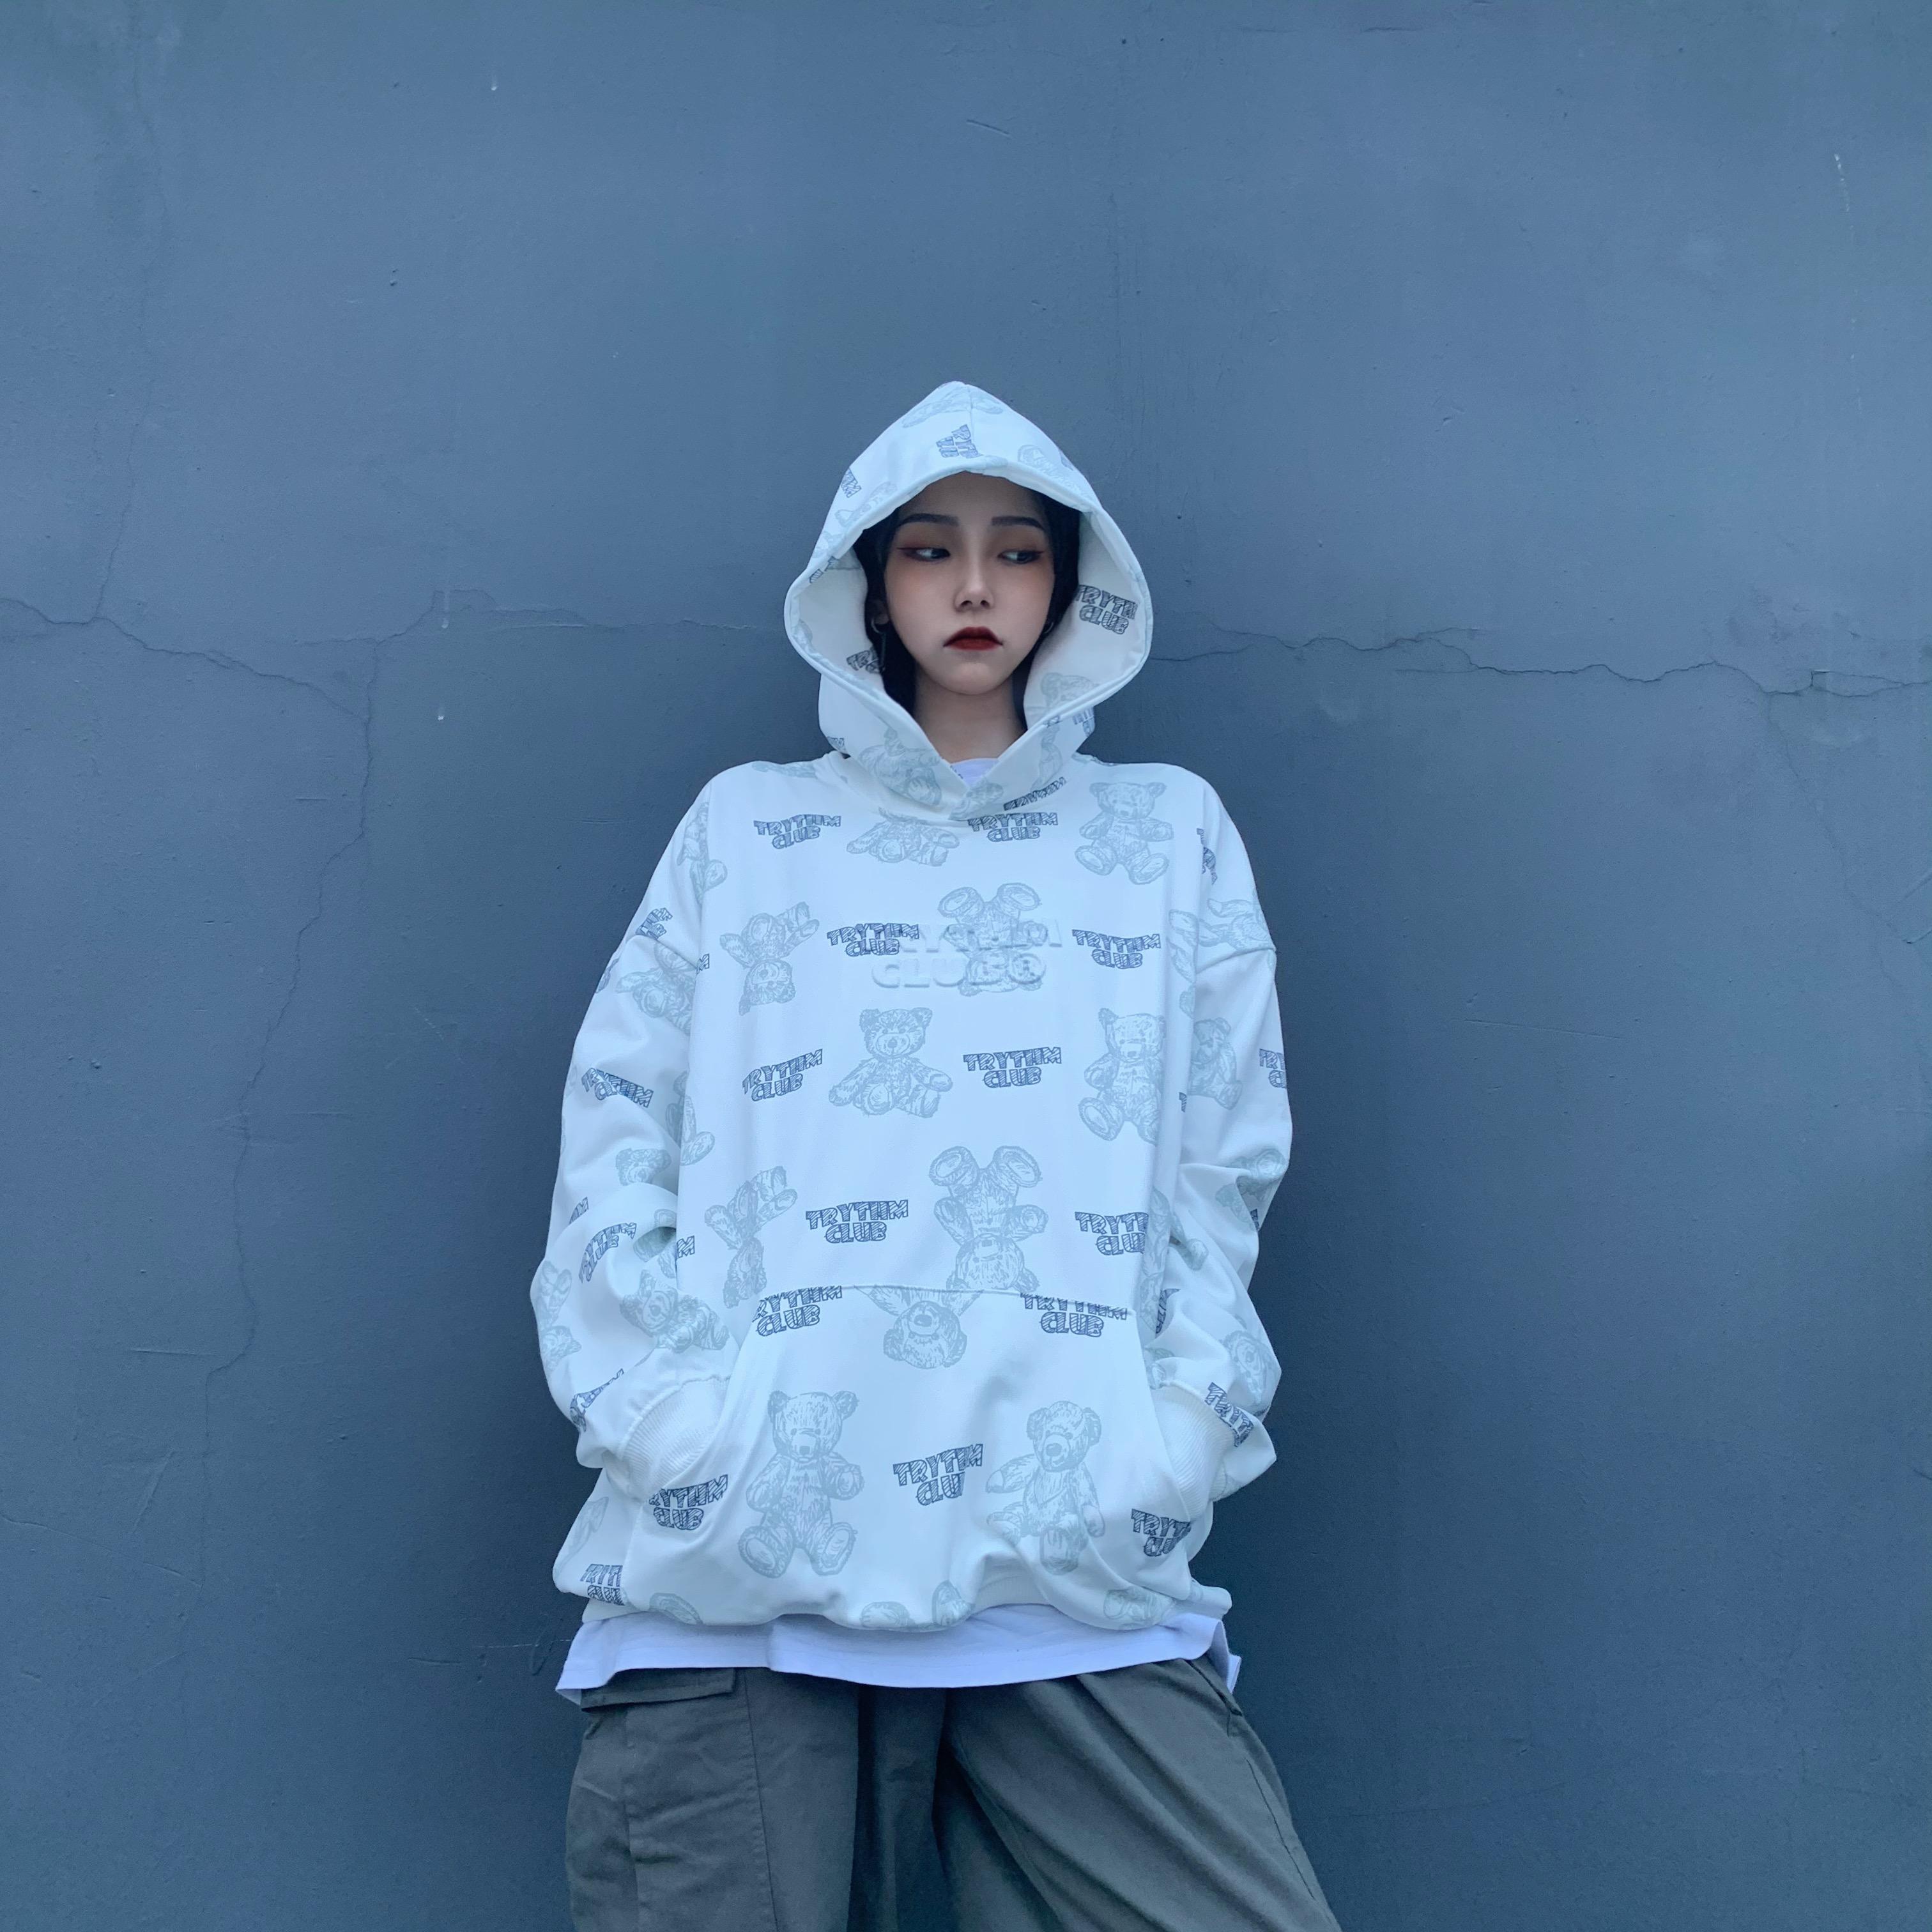 빗 가을 겨울 코디룩 프린팅 플라워 3D프린팅 롱 소매 여성  잉글리쉬페어 긴팔 여성의류